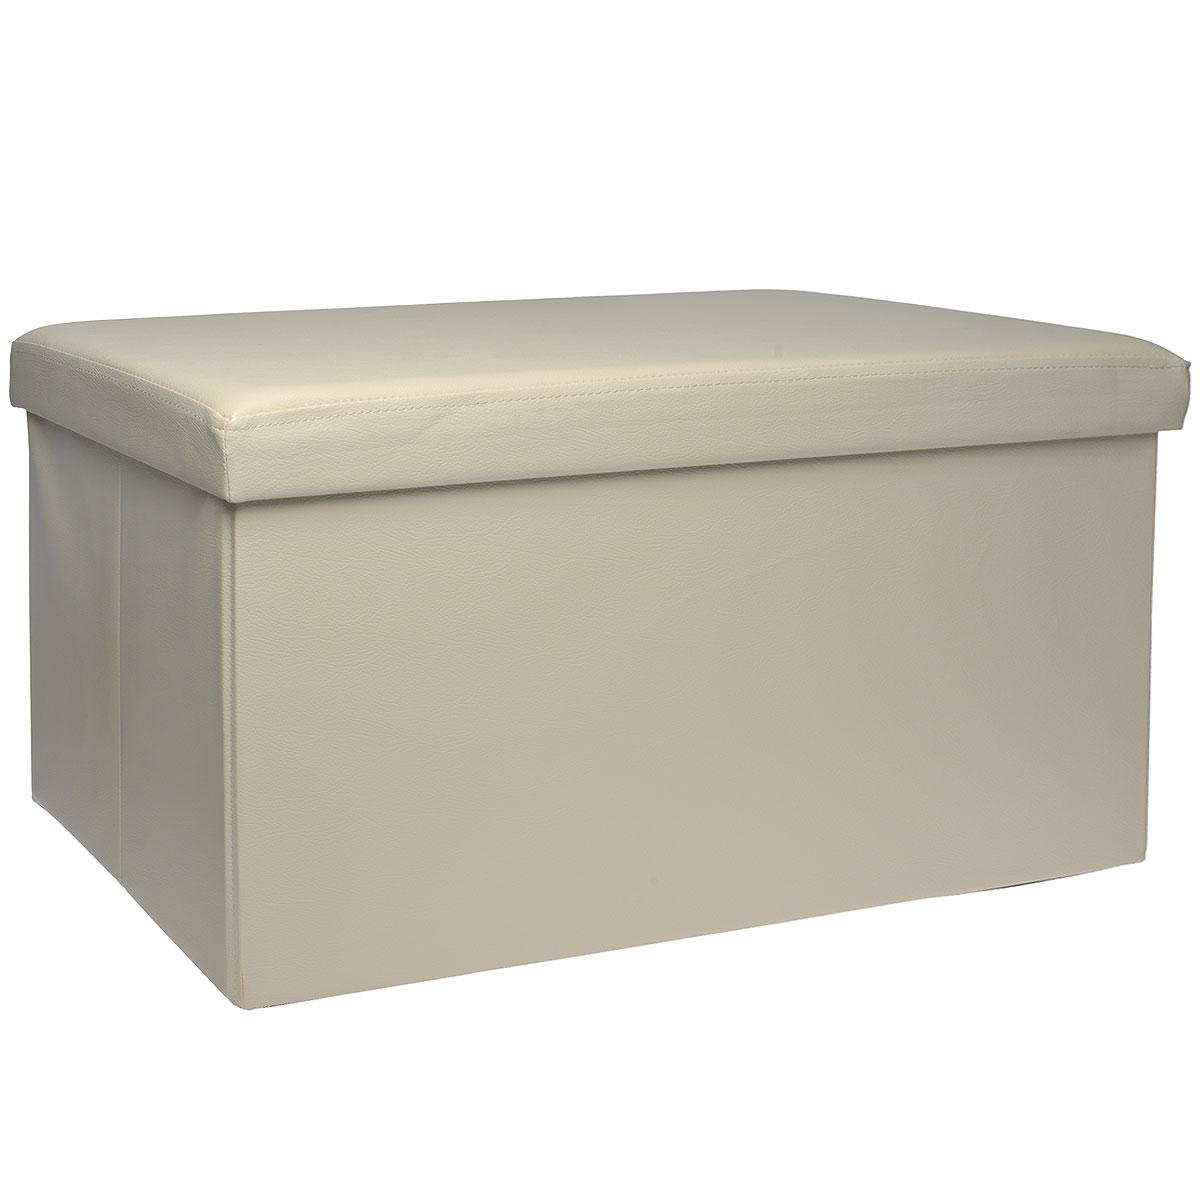 Пуфик Hausmann, с отделением для хранения, цвет: бежевый, 76 x 38 x 38 см98293777Пуфик Hausmann- это очень удобная система хранения вещей в виде пуфика (стульчик), выдерживающего до 200 кг. Пуфик выполнен из МДФ и обтянут одноцветной искусственной кожей. Для мягкого сидения верхняя часть набита поролоном. Такой пуфик станет оригинальным объектом интерьера вашей прихожей или комнаты.